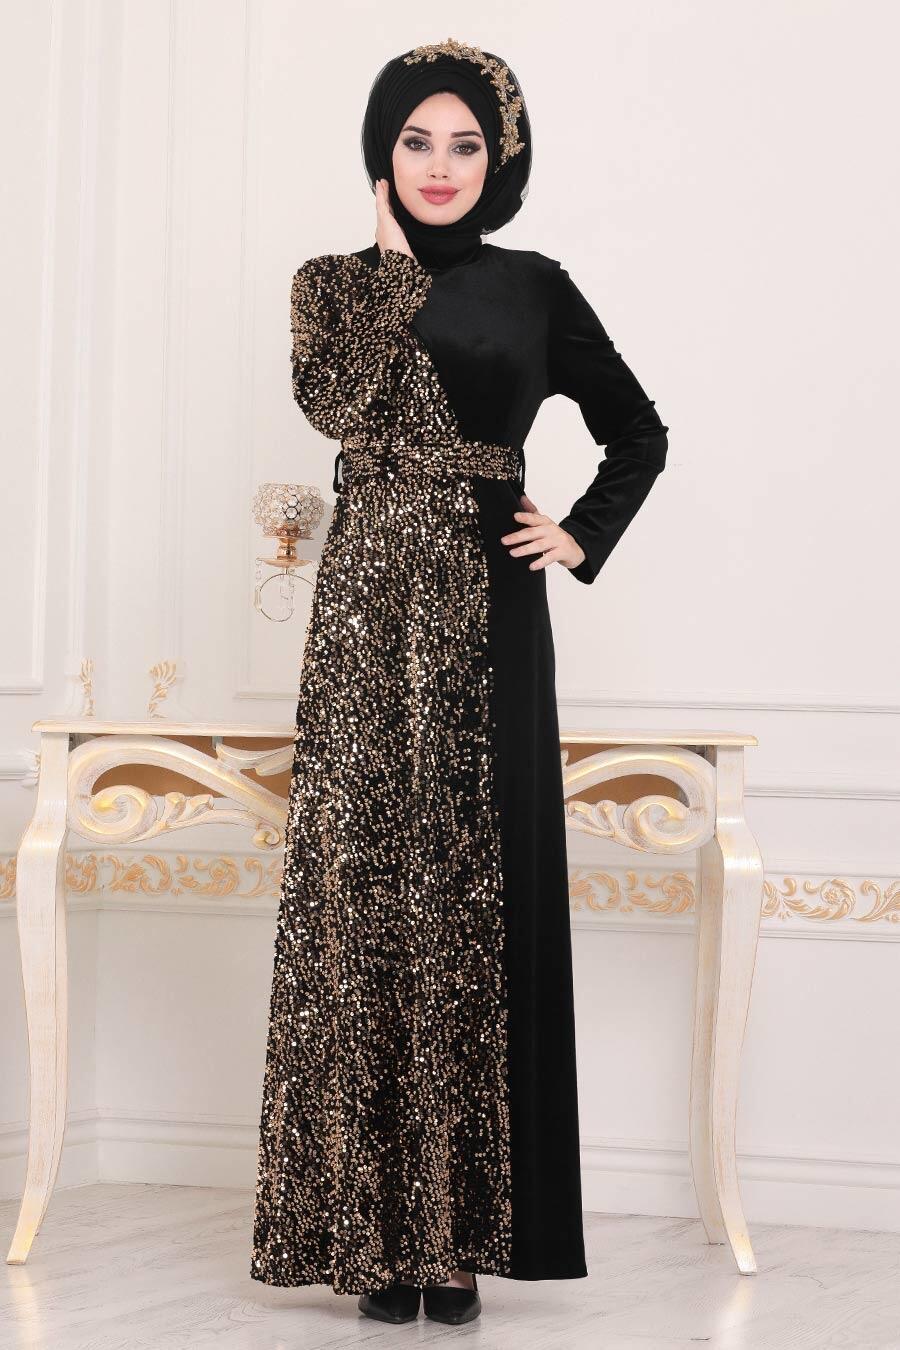 Tesettürlü Abiye Elbise - Pullu Gold Tesettür Kadife Abiye Elbise 8738GOLD